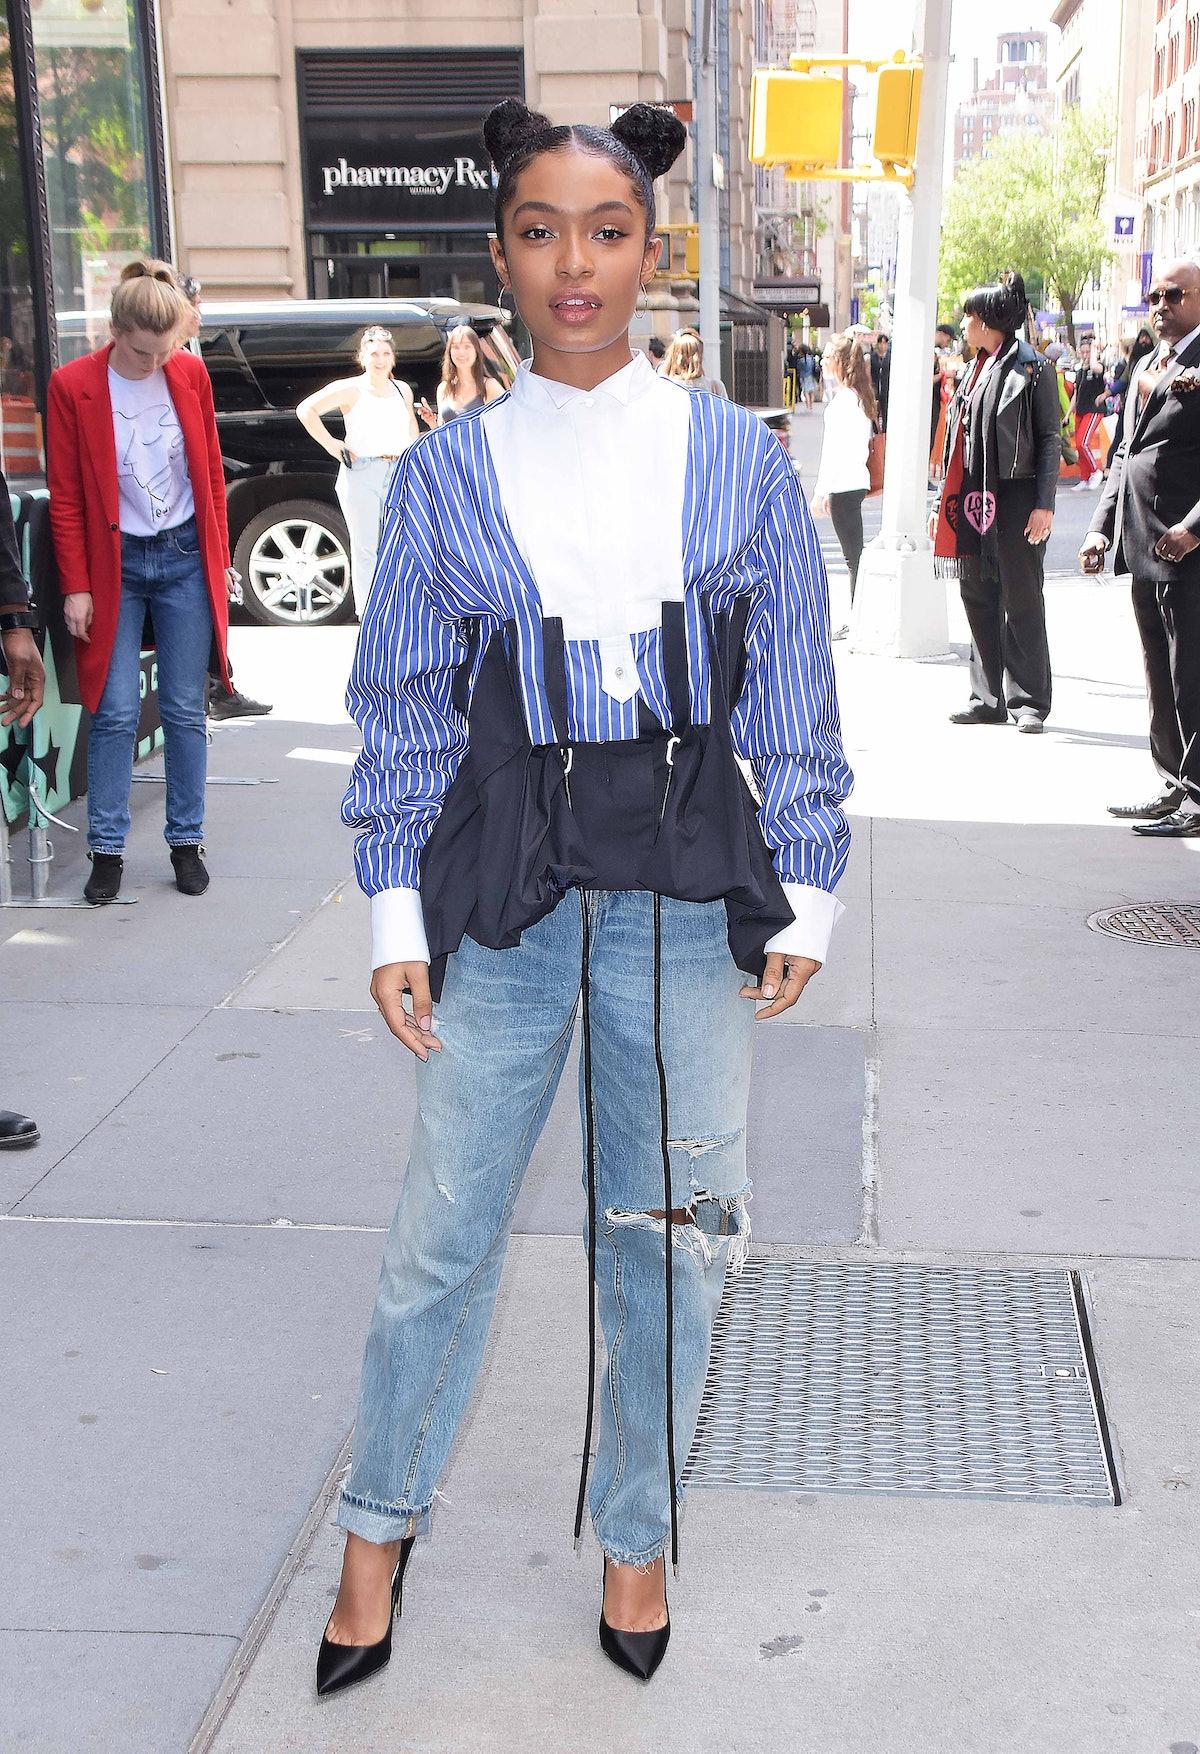 NEW YORK, NY - MAY 16:  Yara Shahidi is seen on May 16, 2019 in New York City.  (Photo by Patricia S...